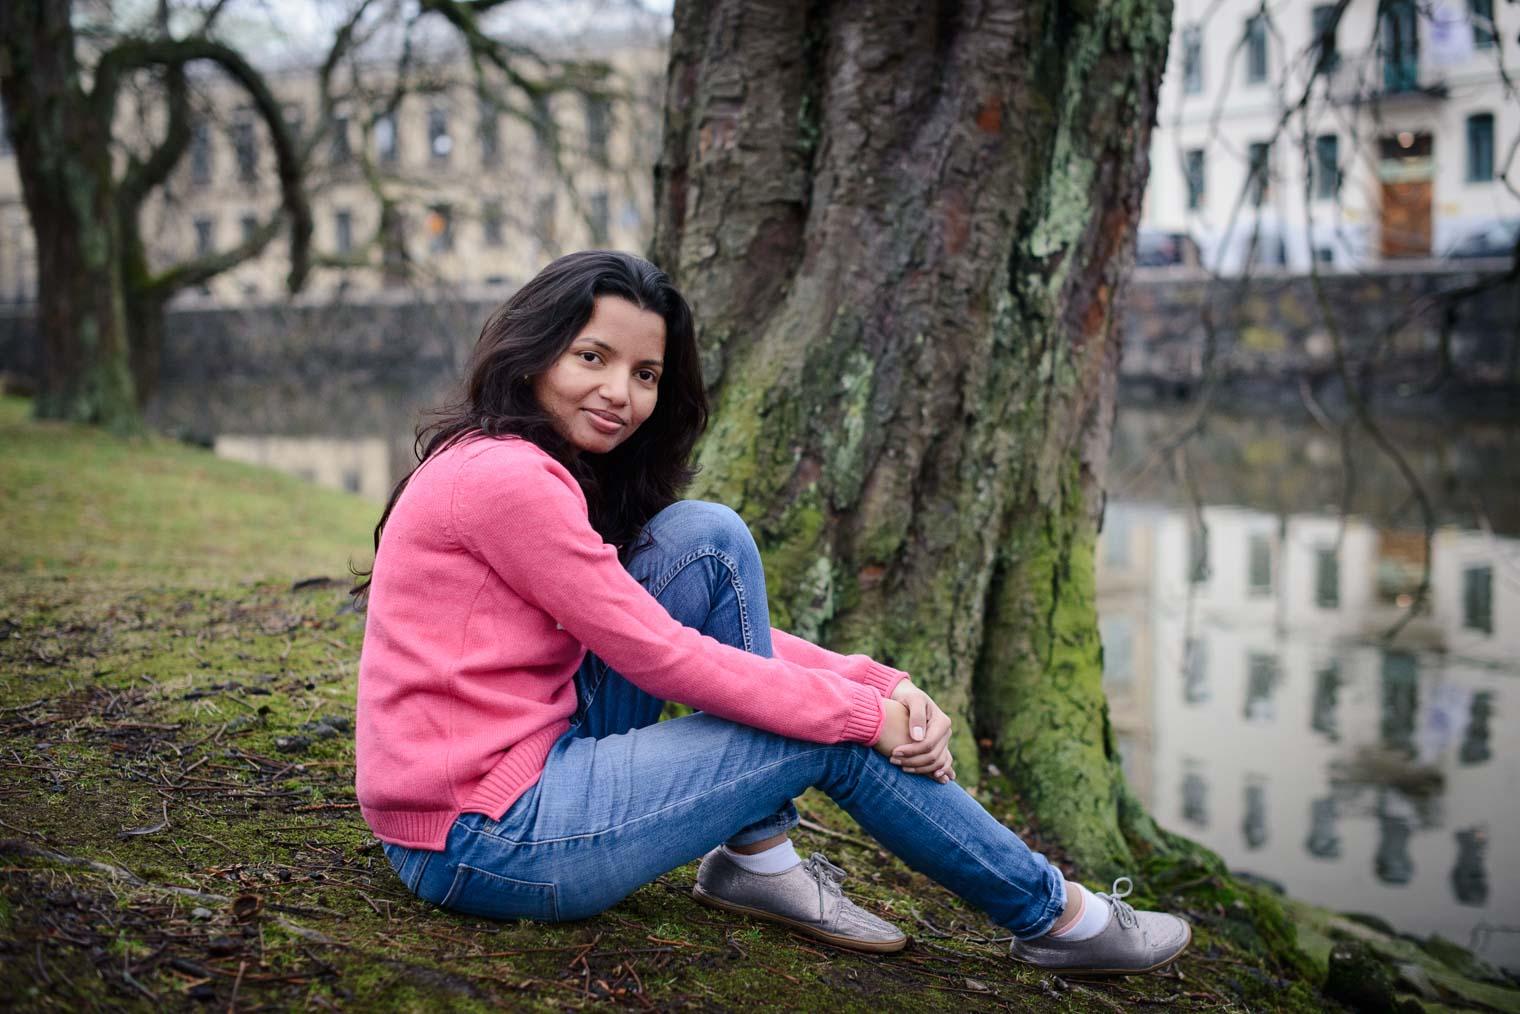 Portrait Session at Trädgårdsföreningen Gothenburg